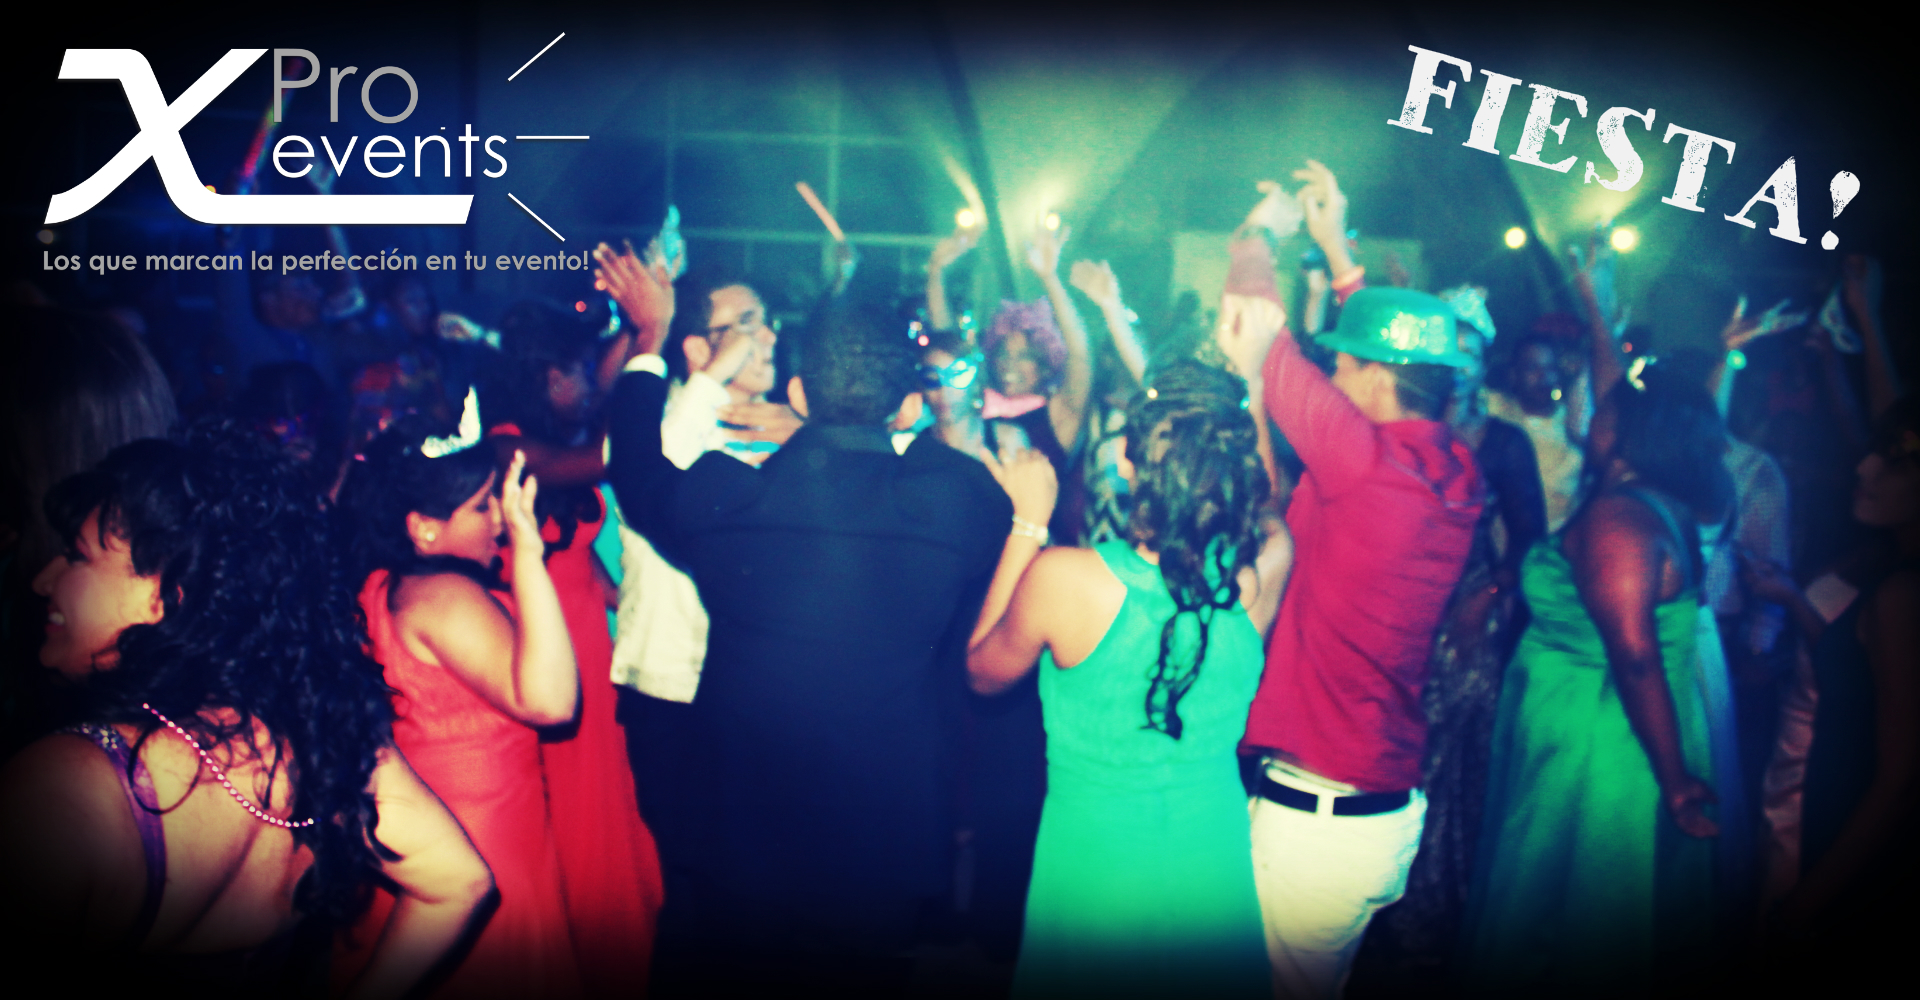 www.Xproevents.com - Tu fiesta - Todo un exito.JPG